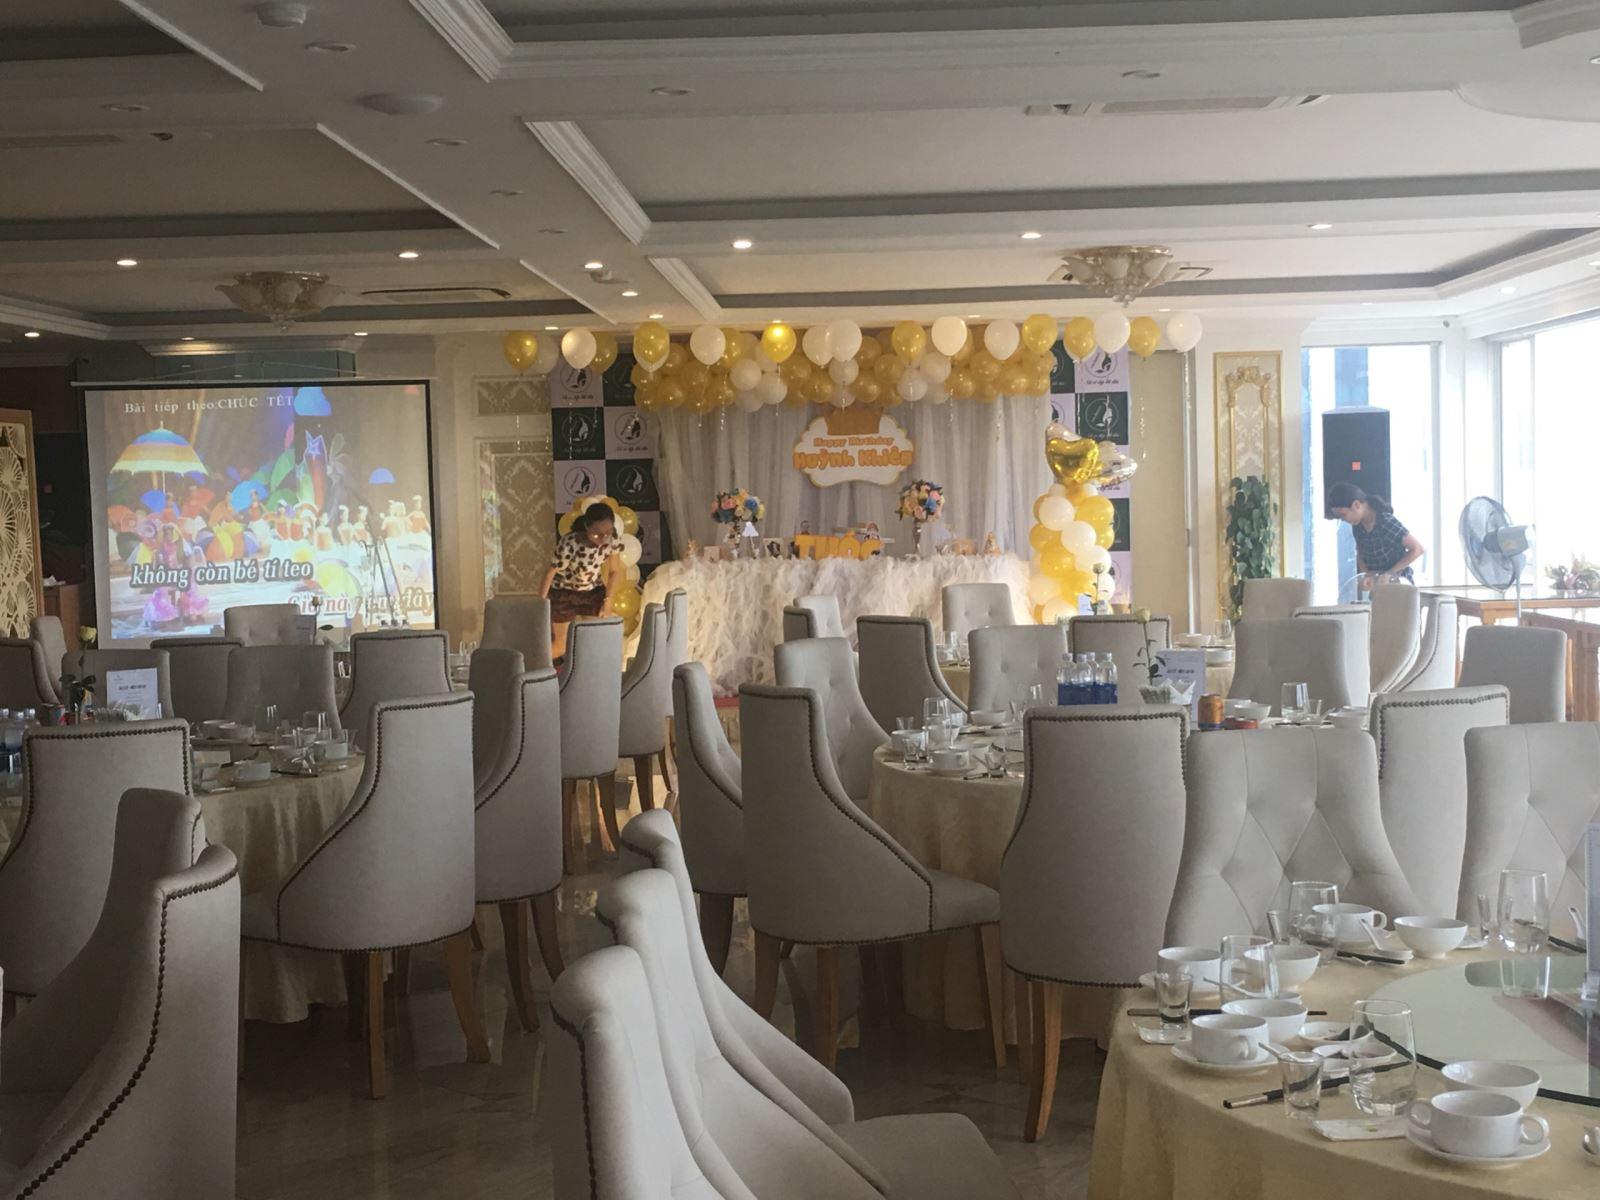 c6ac202487 Địa điểm tổ chức sinh nhật cho bé tại thành phố Thanh hóa